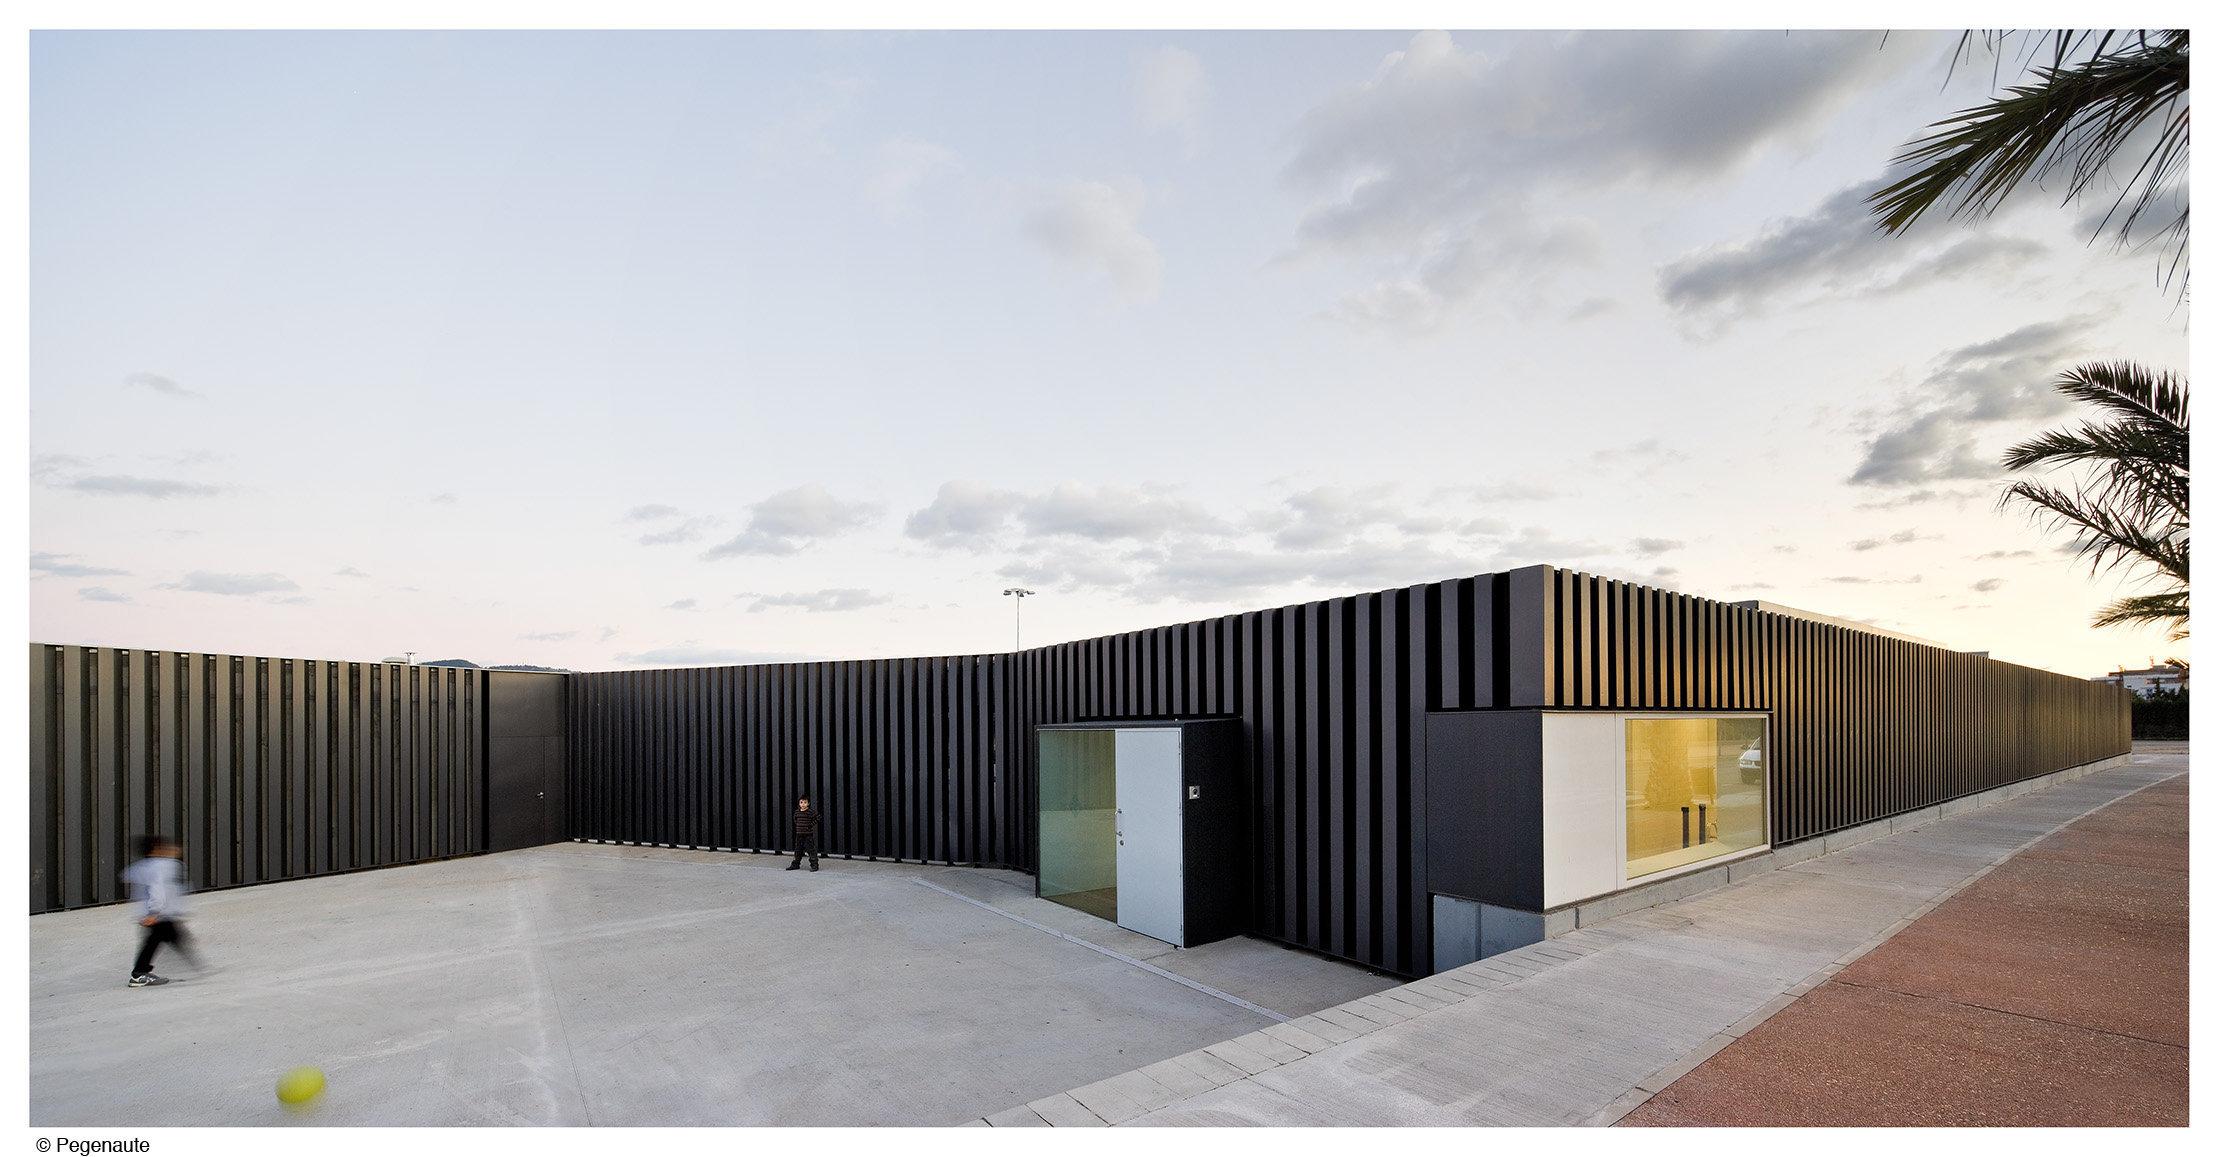 Piscinas, Vestiários e Sala Poliesportiva em Jesús / ARQUITECTURIA, © Pedro Pegenaute